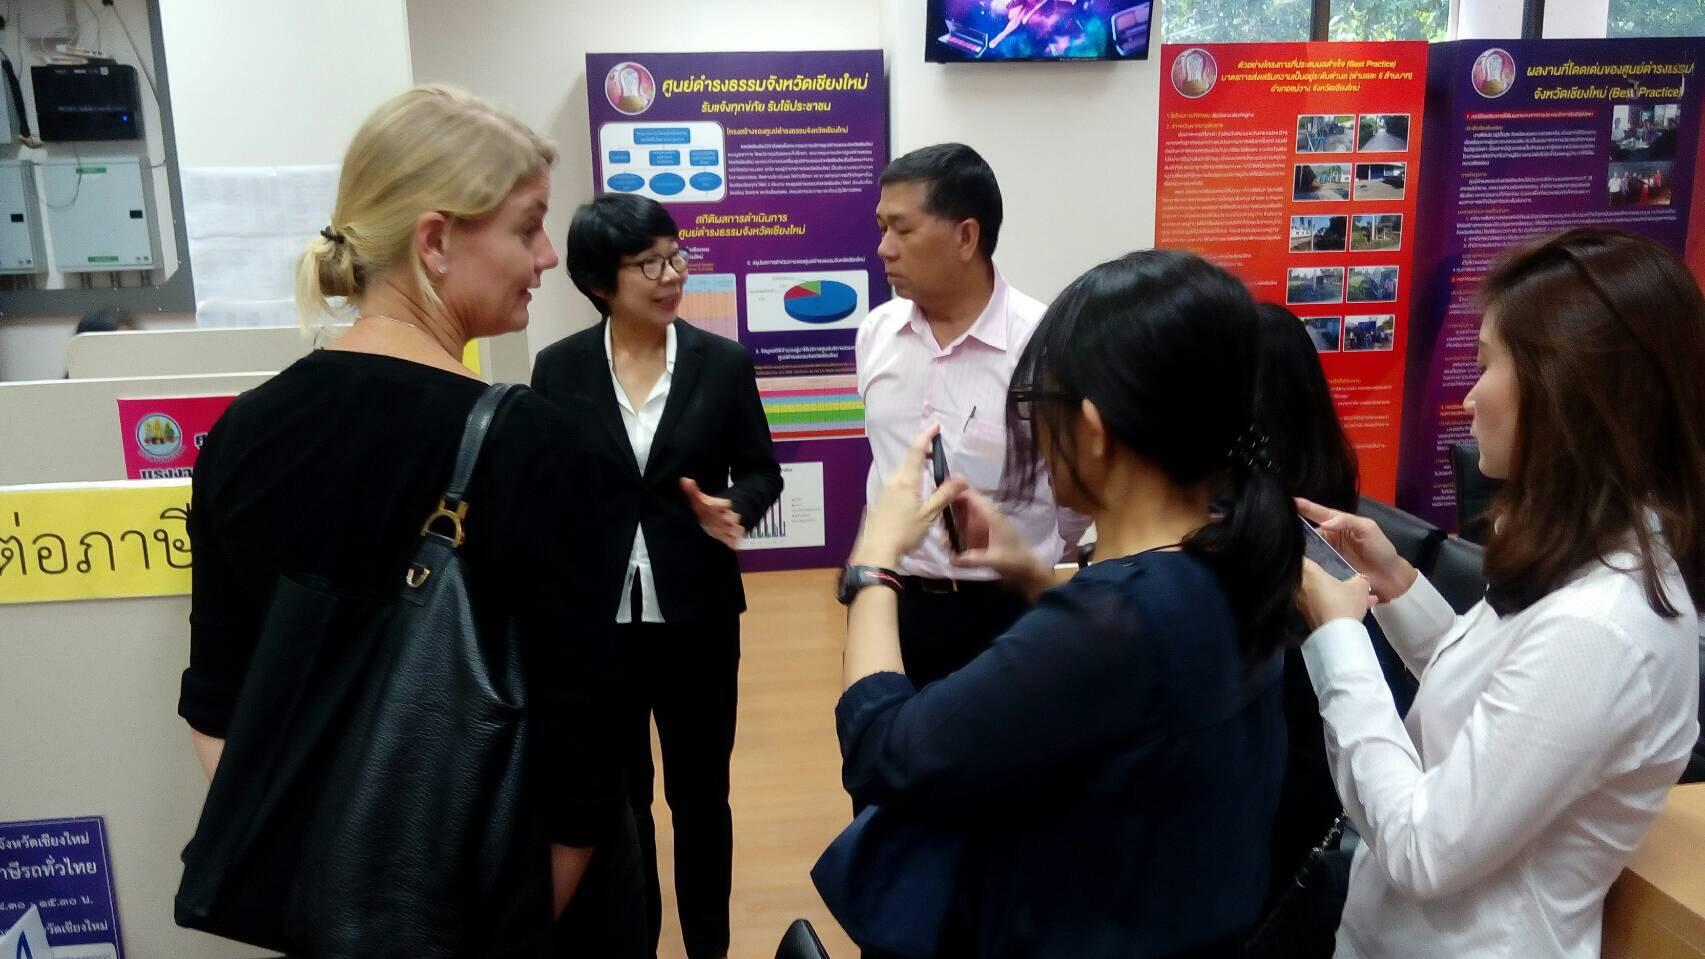 นายสมบัติ นิเวศรัตน์ รองอธิบดีกรมการจัดหางานประชุมร่วมกับผู้แทนจาก ILO มี MS.ANNA (Senior Program Manager in Asean) เป็นหัวหน้าคณะ